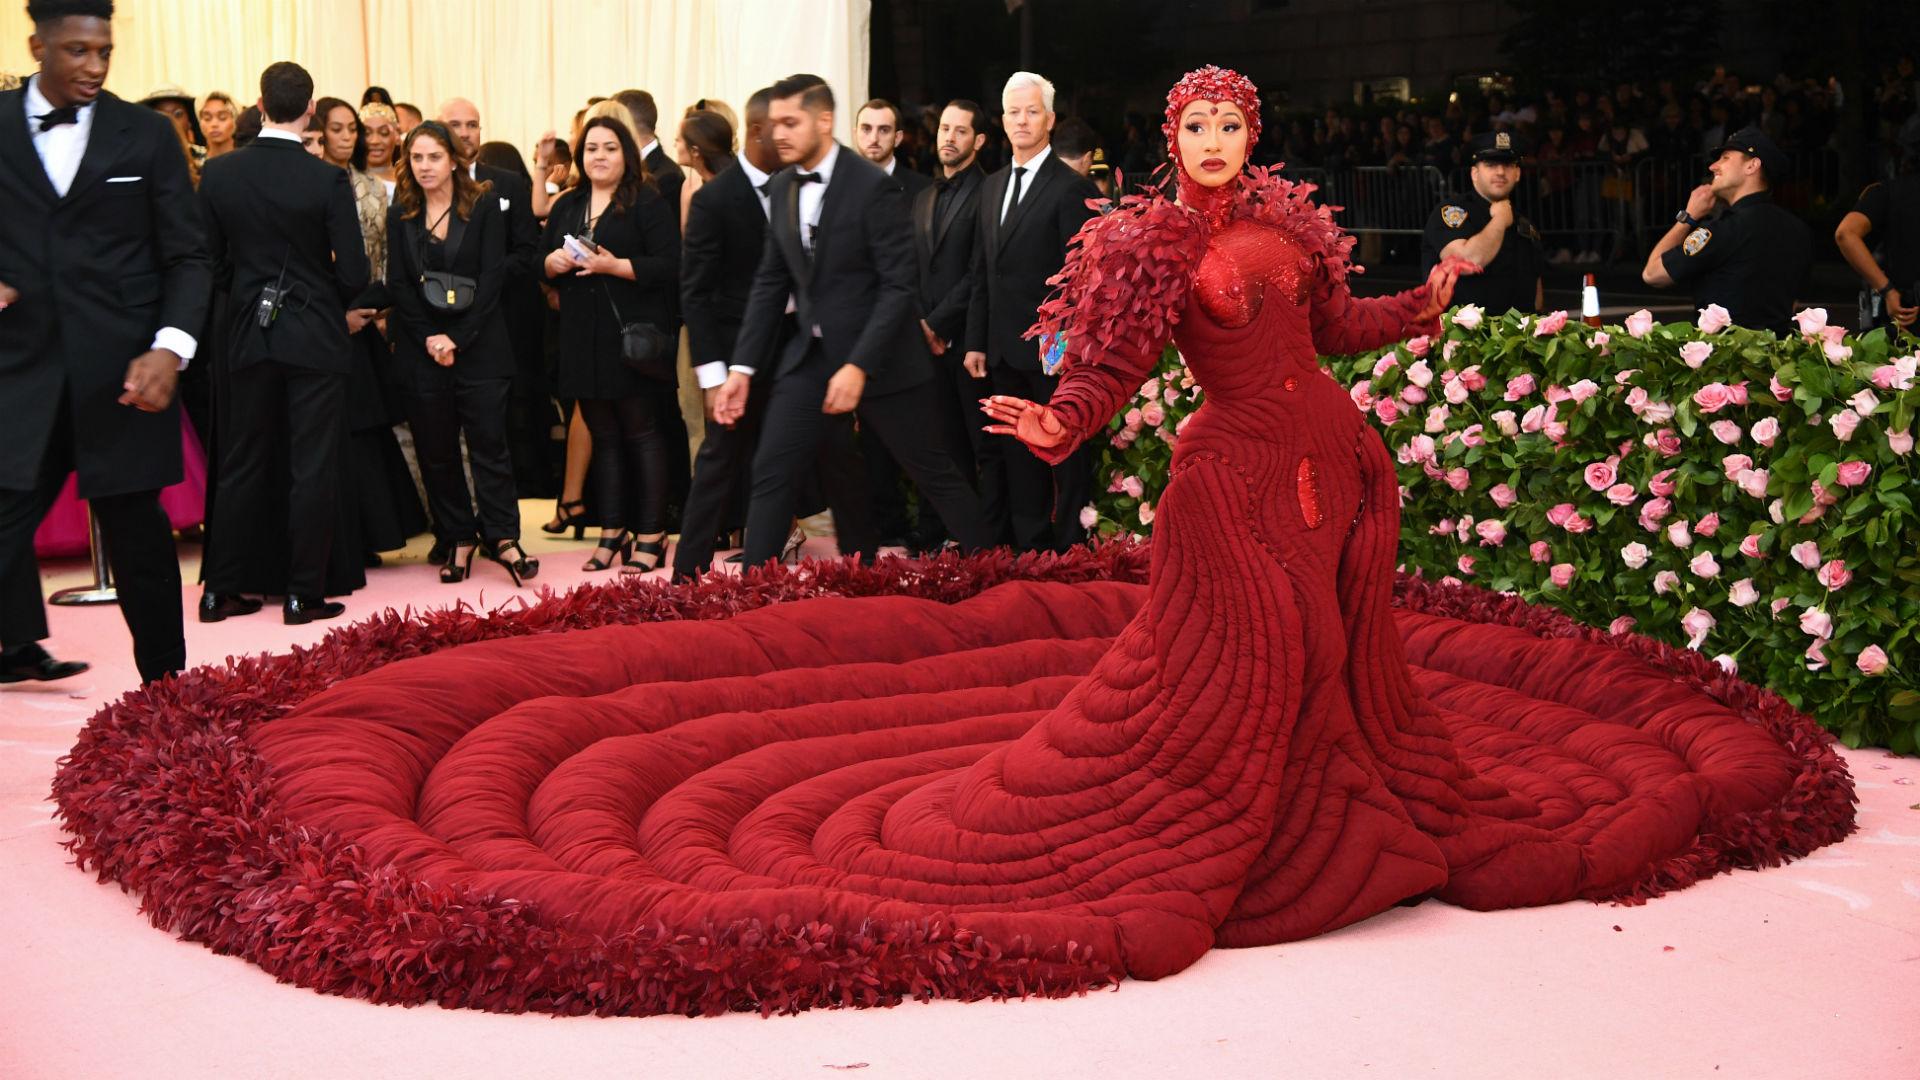 71e507dfdc2 Tardaron 2,000 horas en hacer el vestido de Cardi B para la MET Gala 2019 |  Telemundo